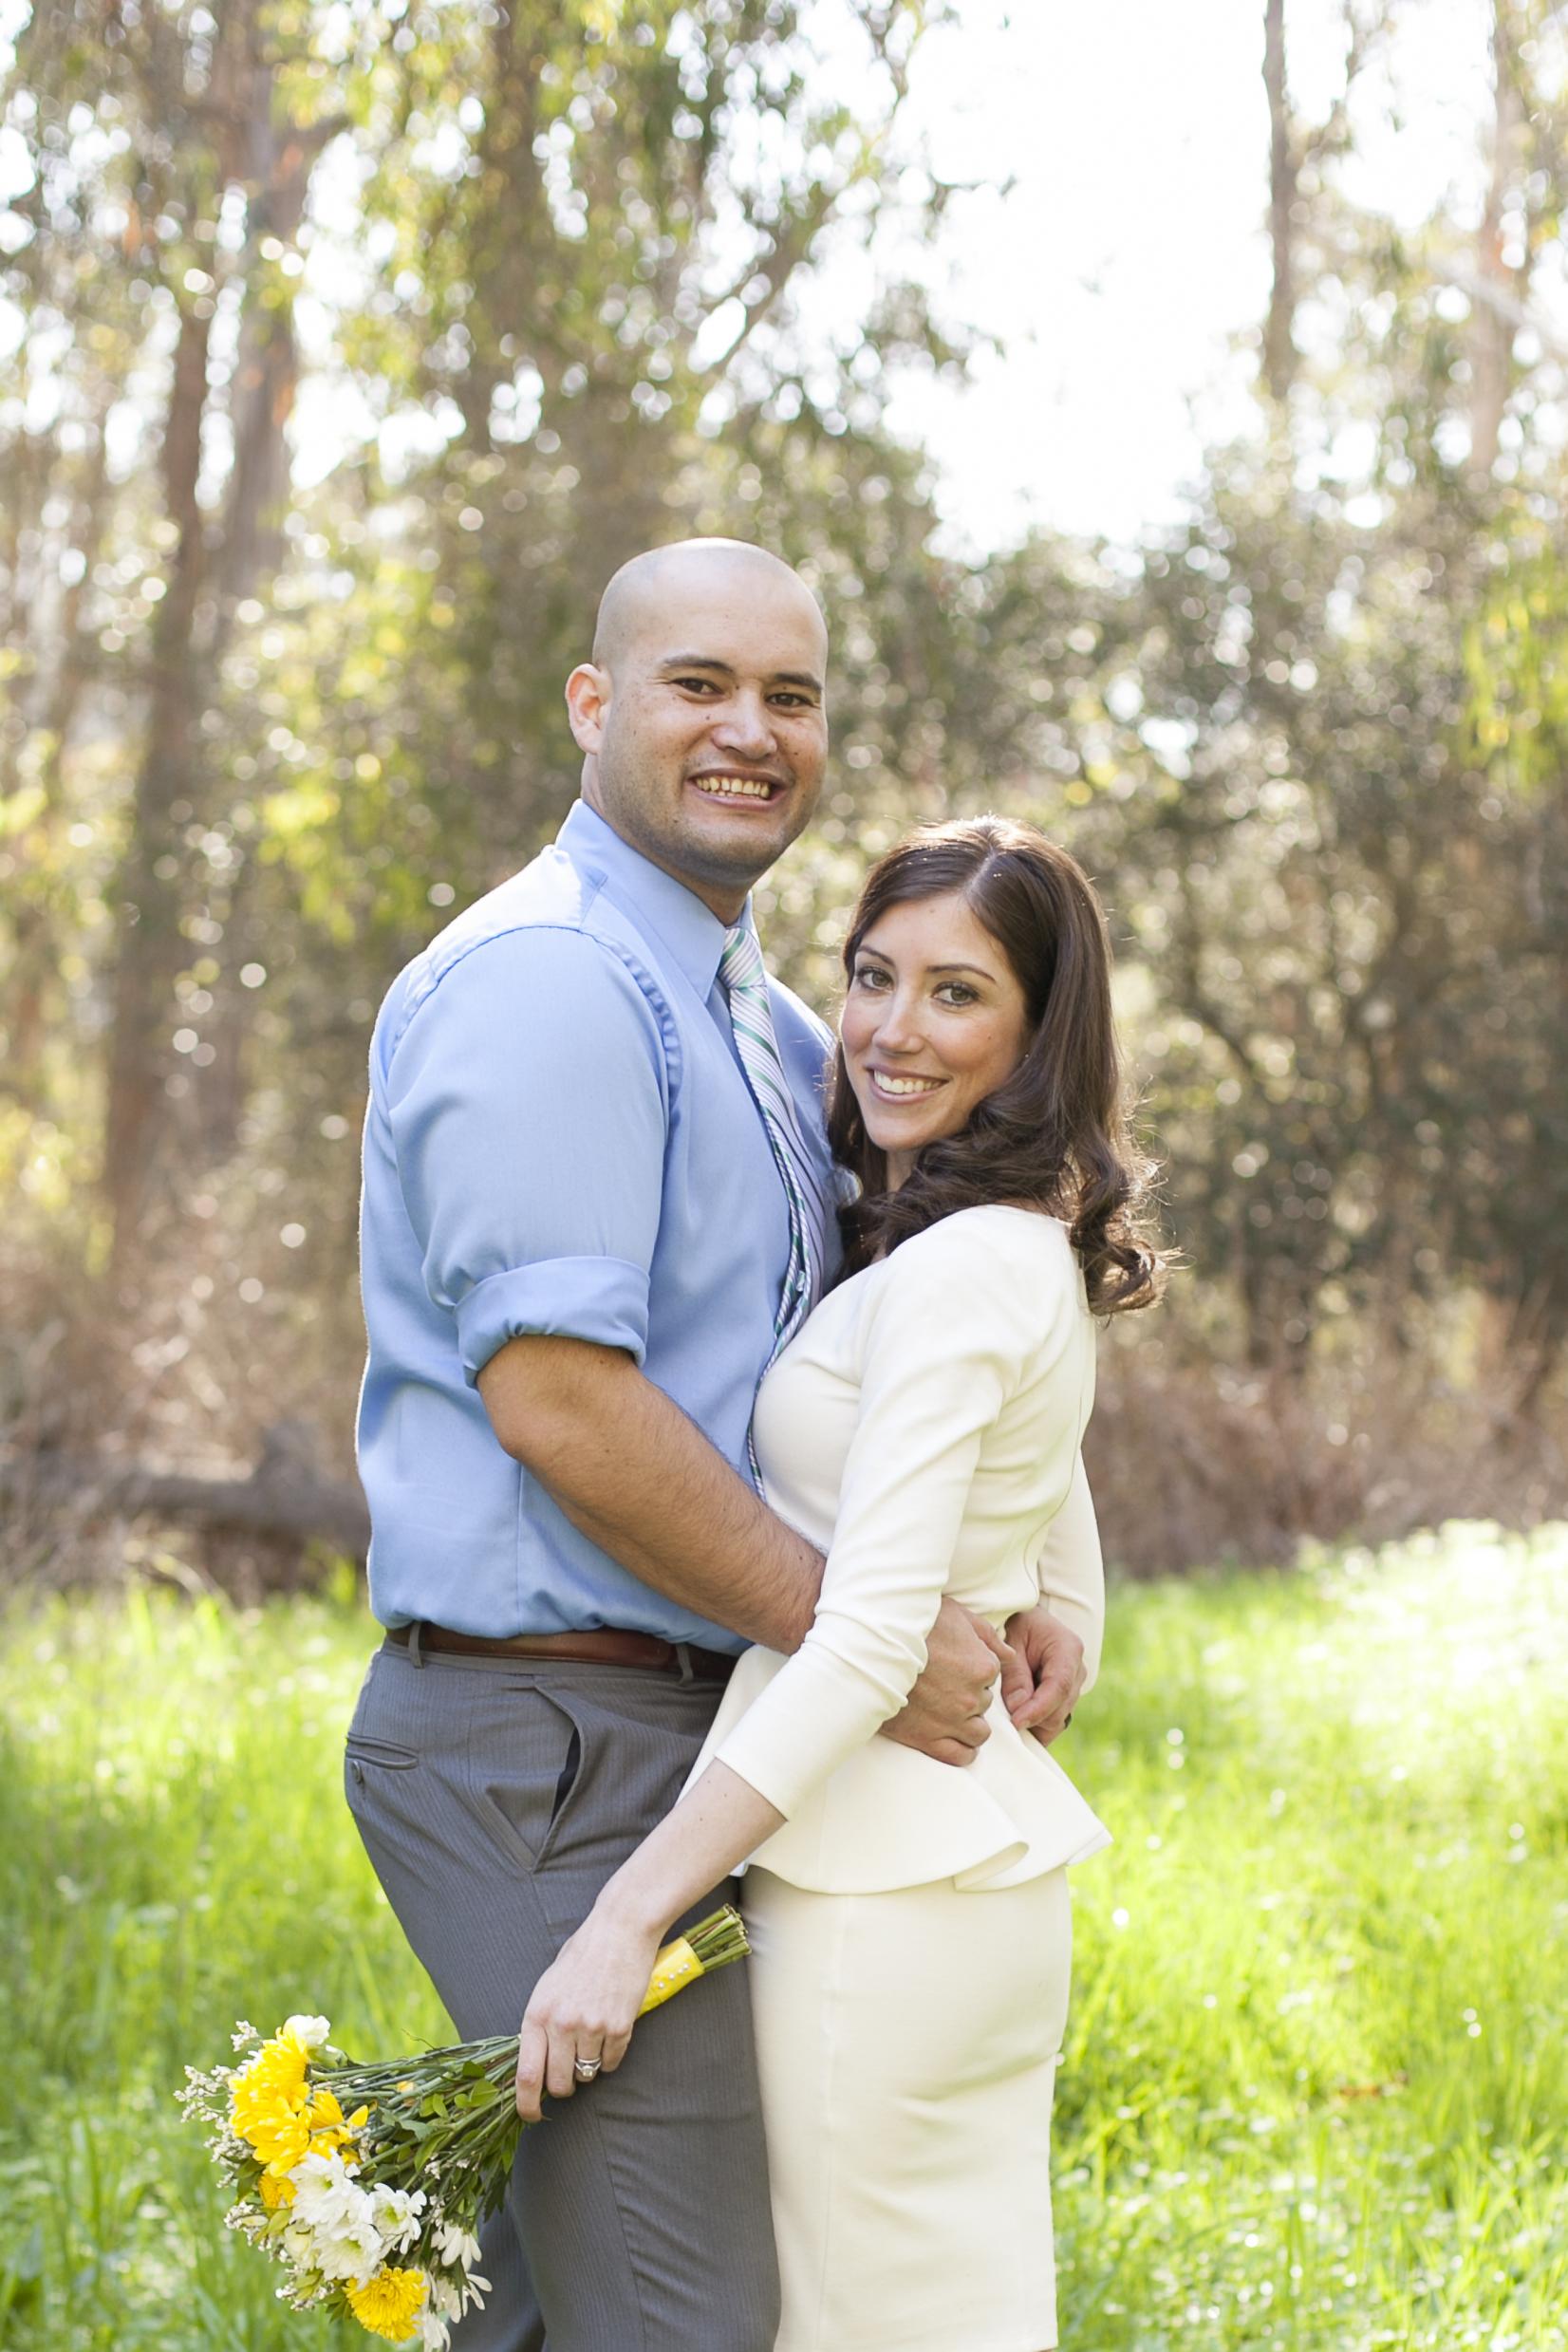 Tilden Park Berkeley Wedding Photographer-Meo Baaklini067.jpg